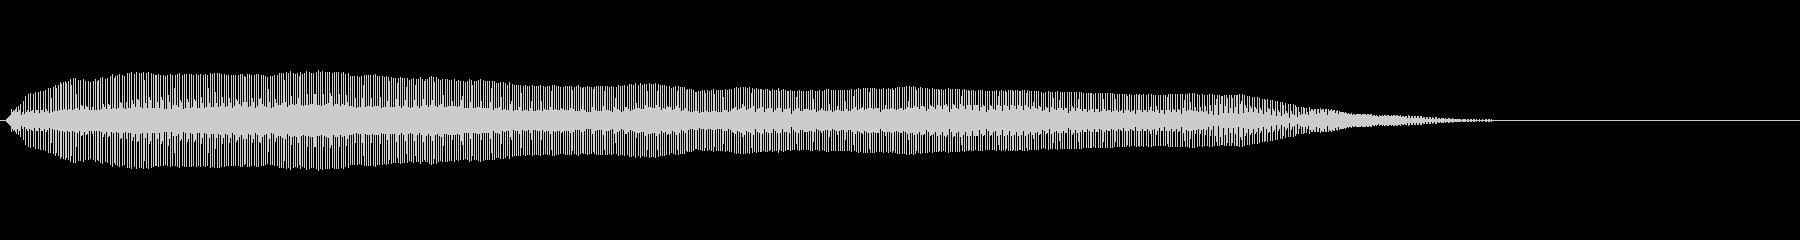 猫の鳴き声 呼びかけるの未再生の波形